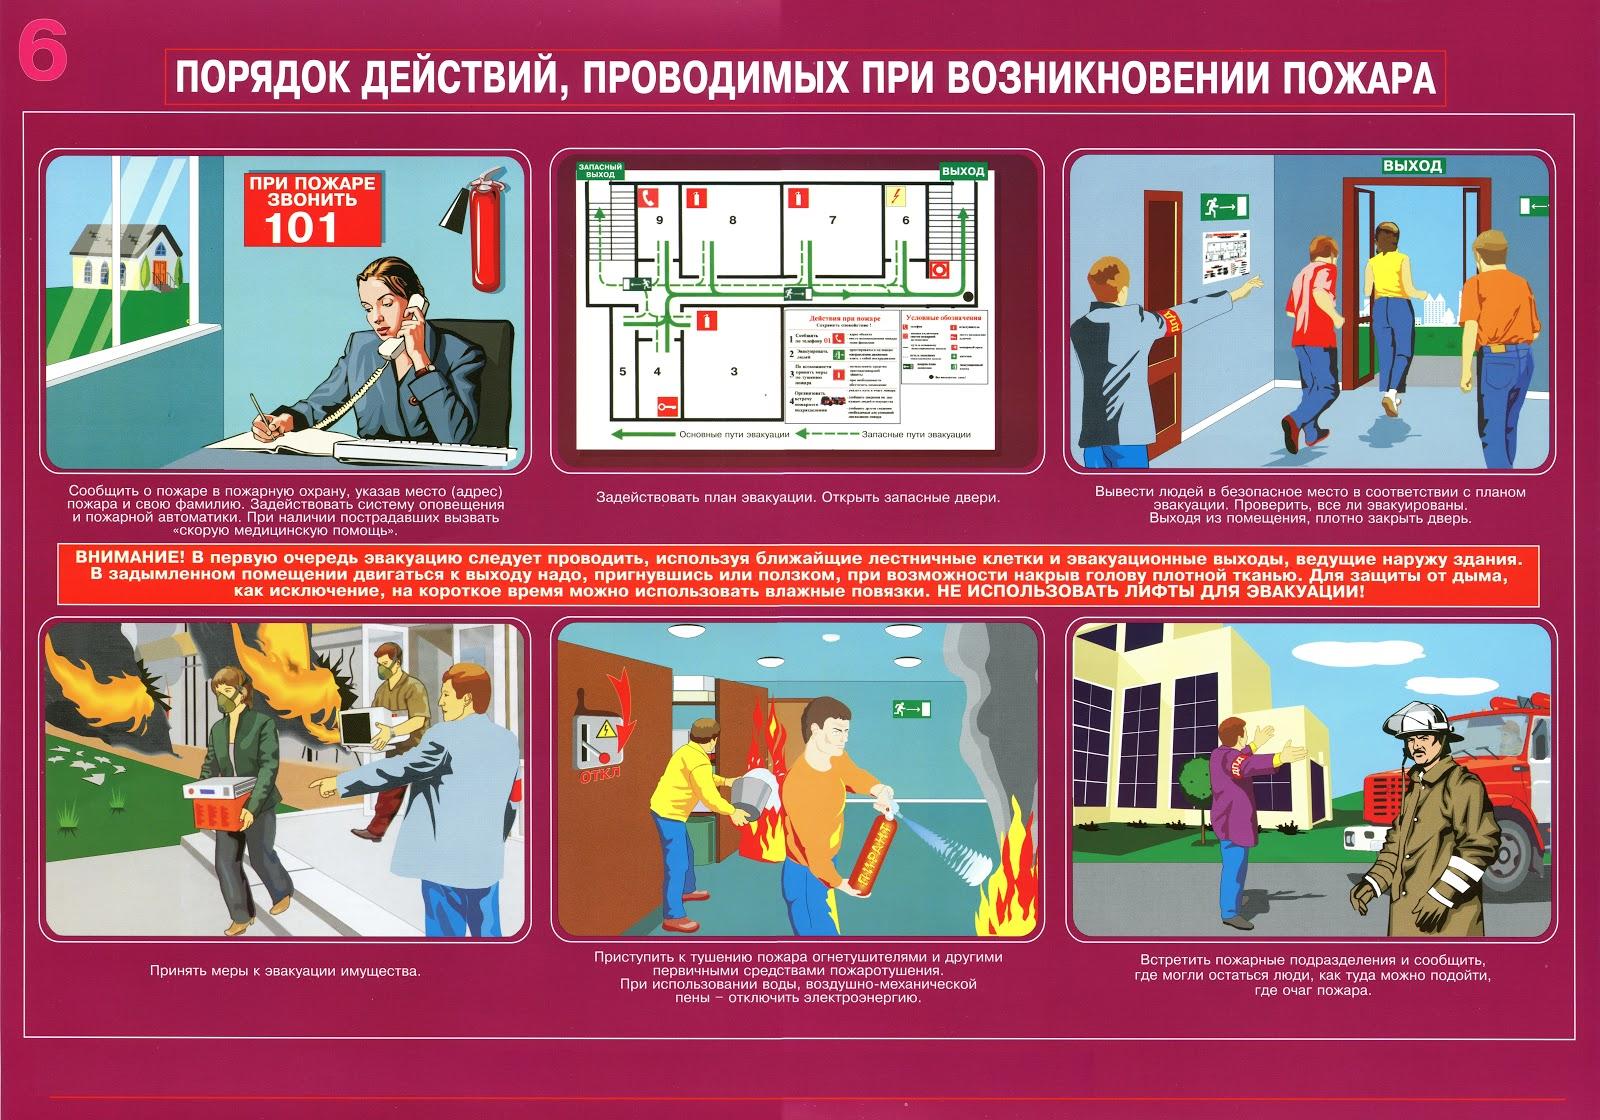 инструкции по поведению в чс в школе